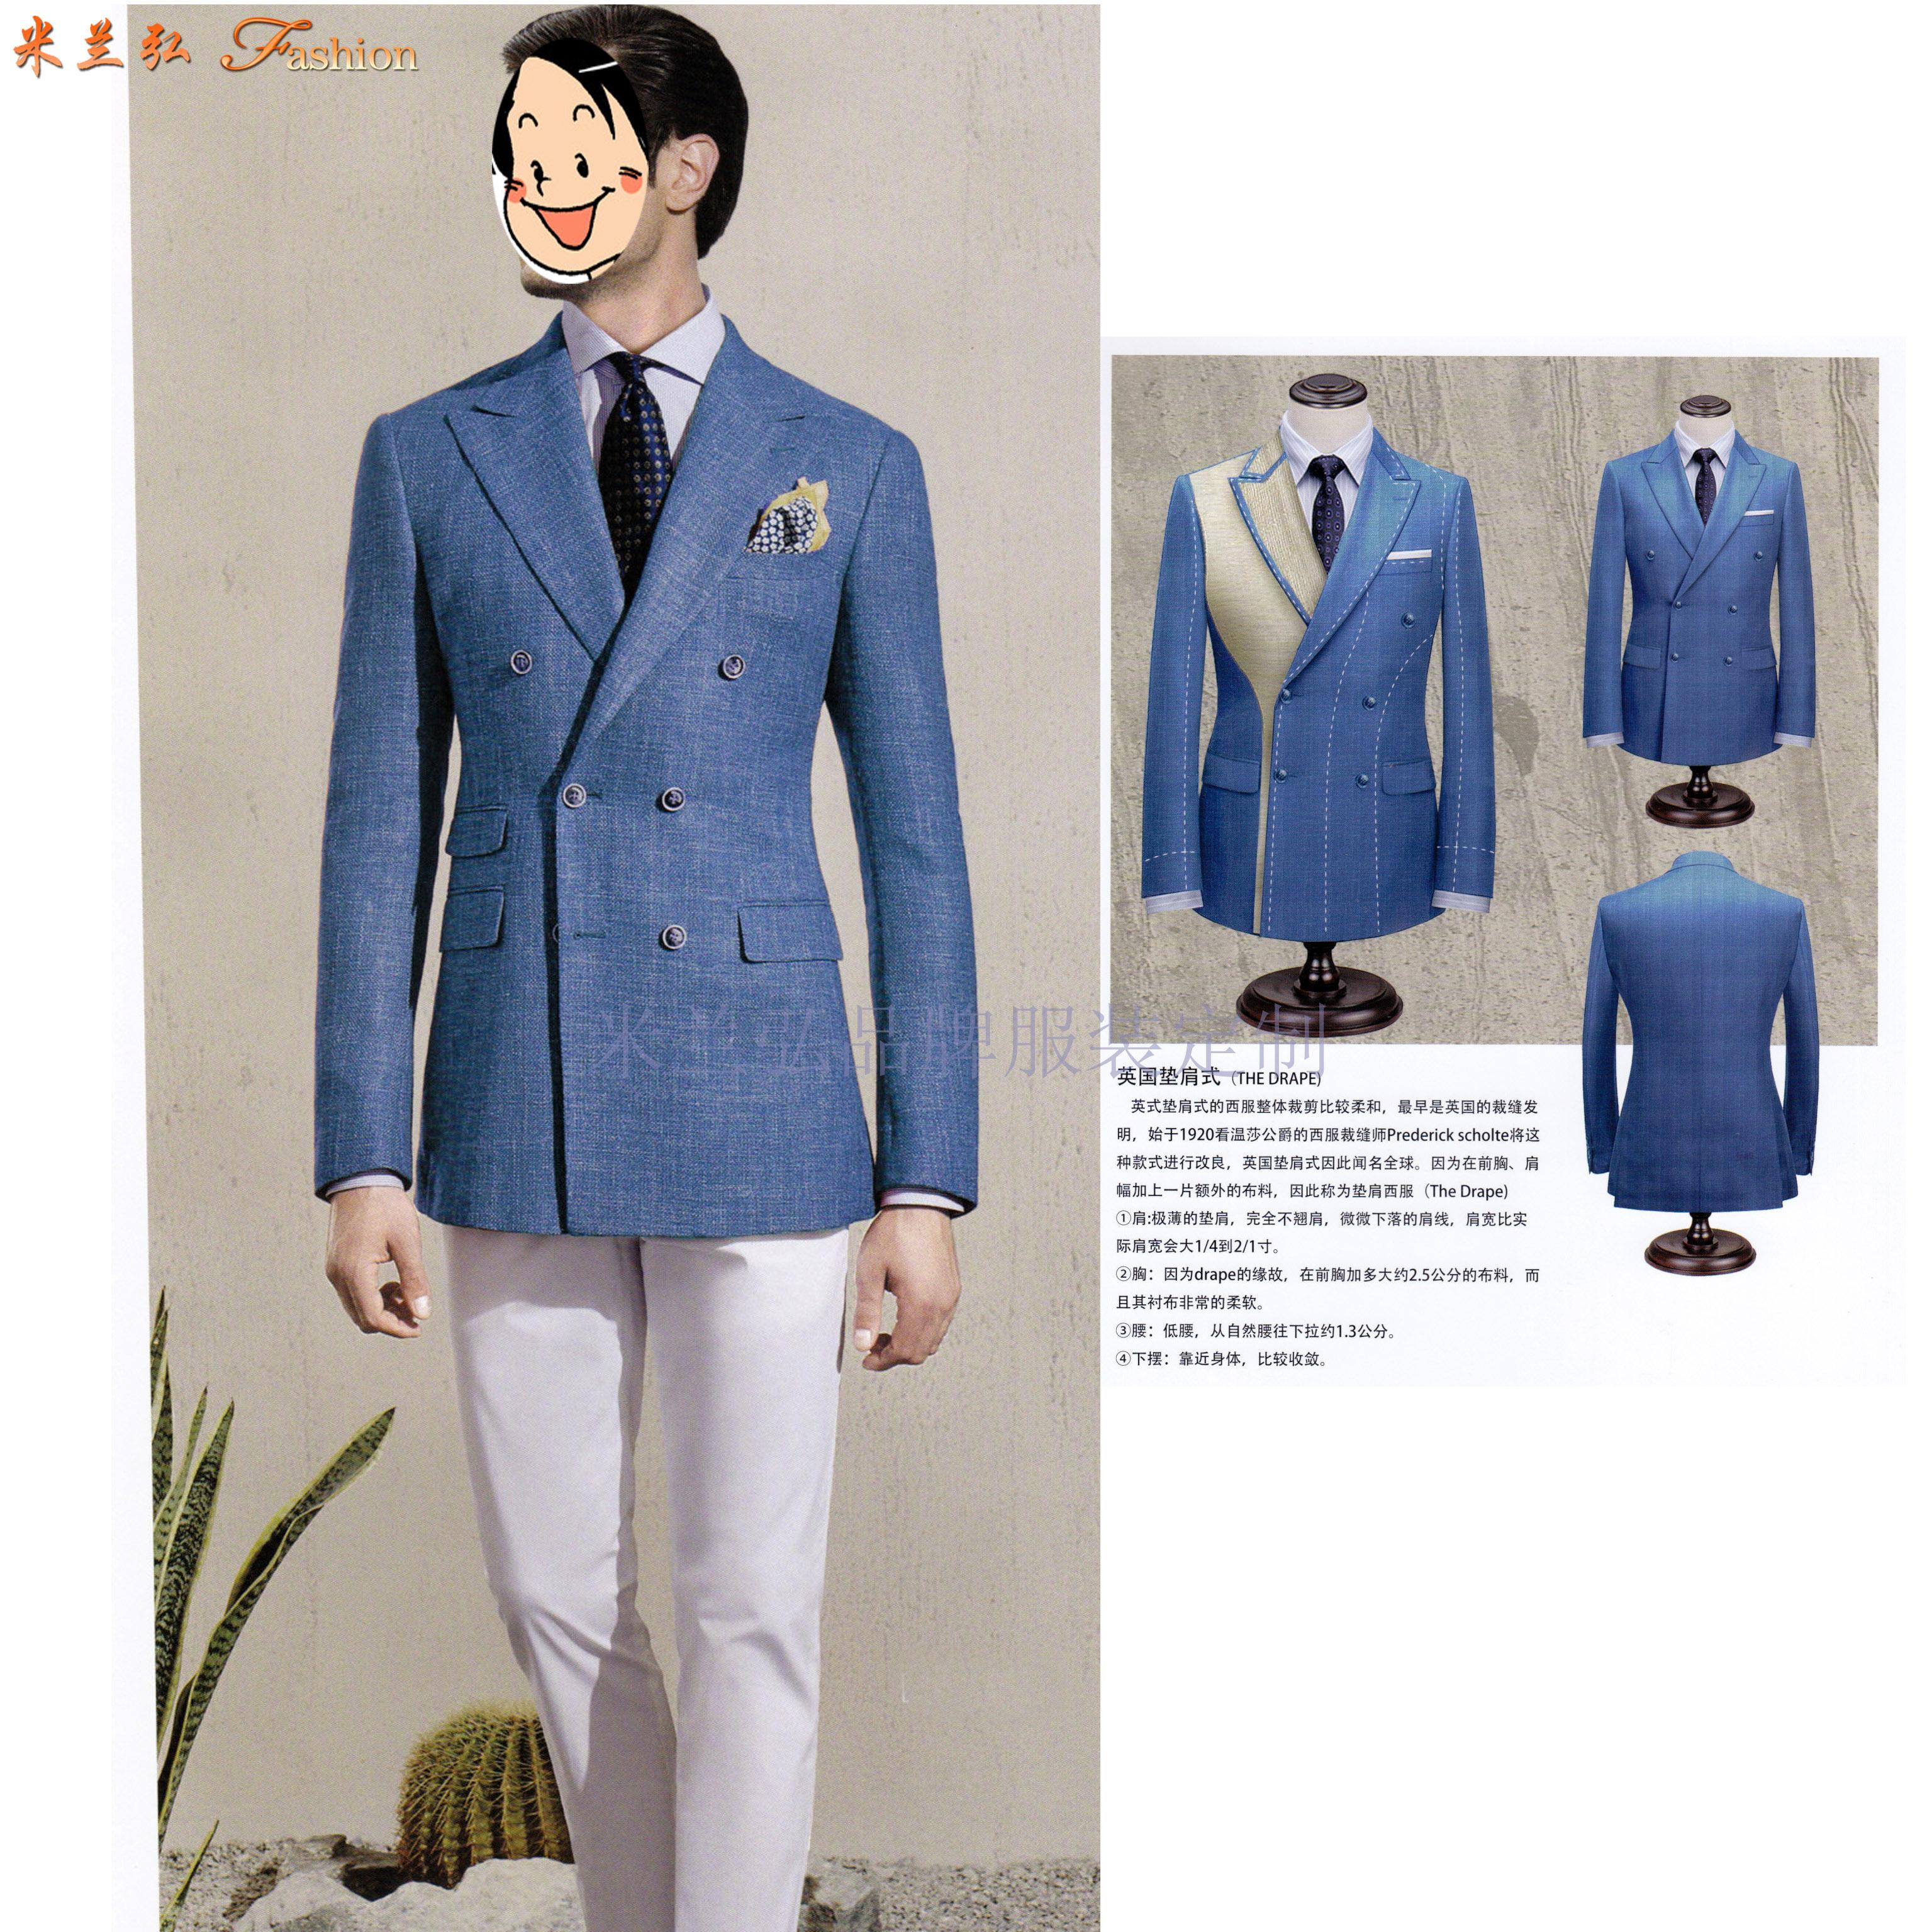 「濟南正裝定制」「濟南西裝訂制」推薦性價比高的米蘭弘服裝-1